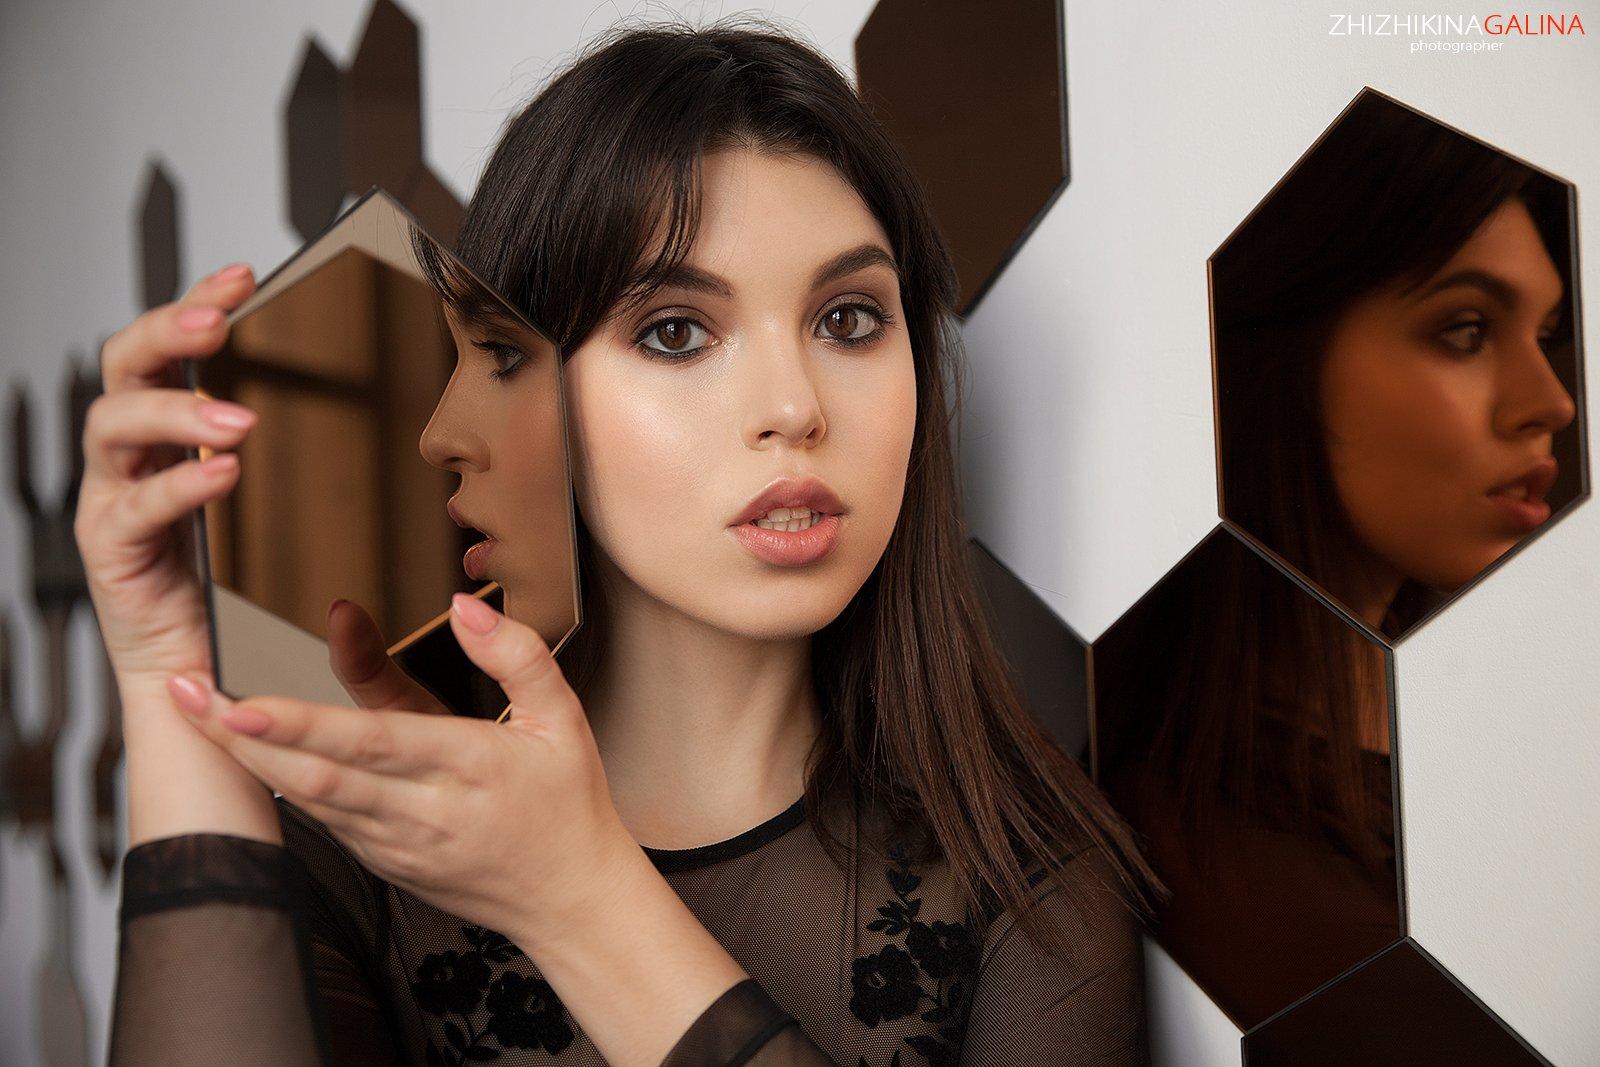 девушка, портрет, лицо, отражение, глаза, зеркала, москва, фотограф, girl, portrait, face,, Галина Жижикина